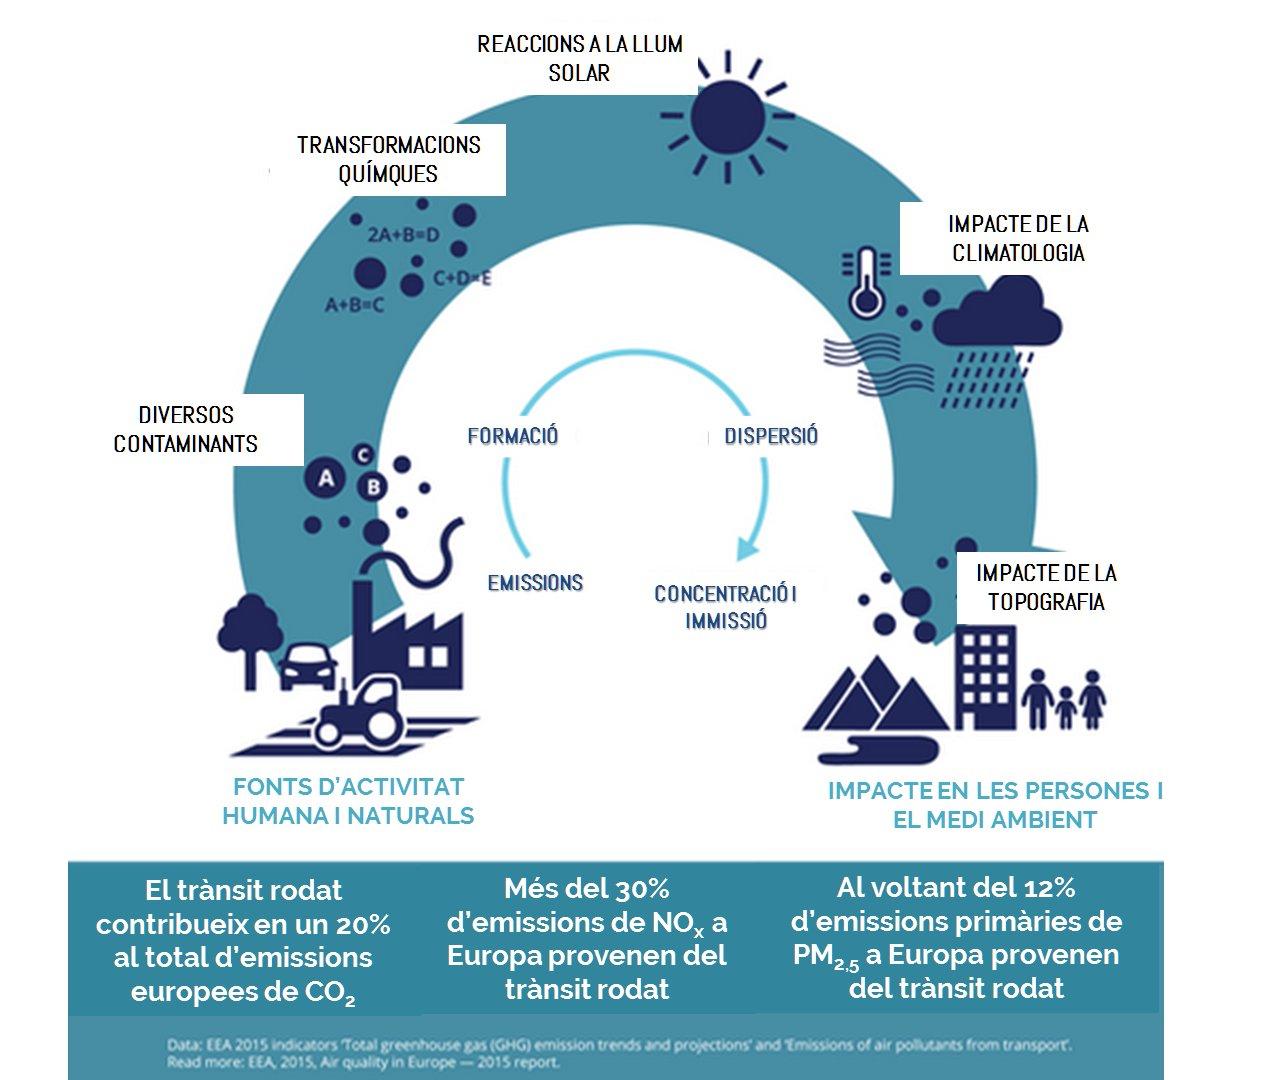 La contaminació de l'aire a Europa: un problema de primer ordre